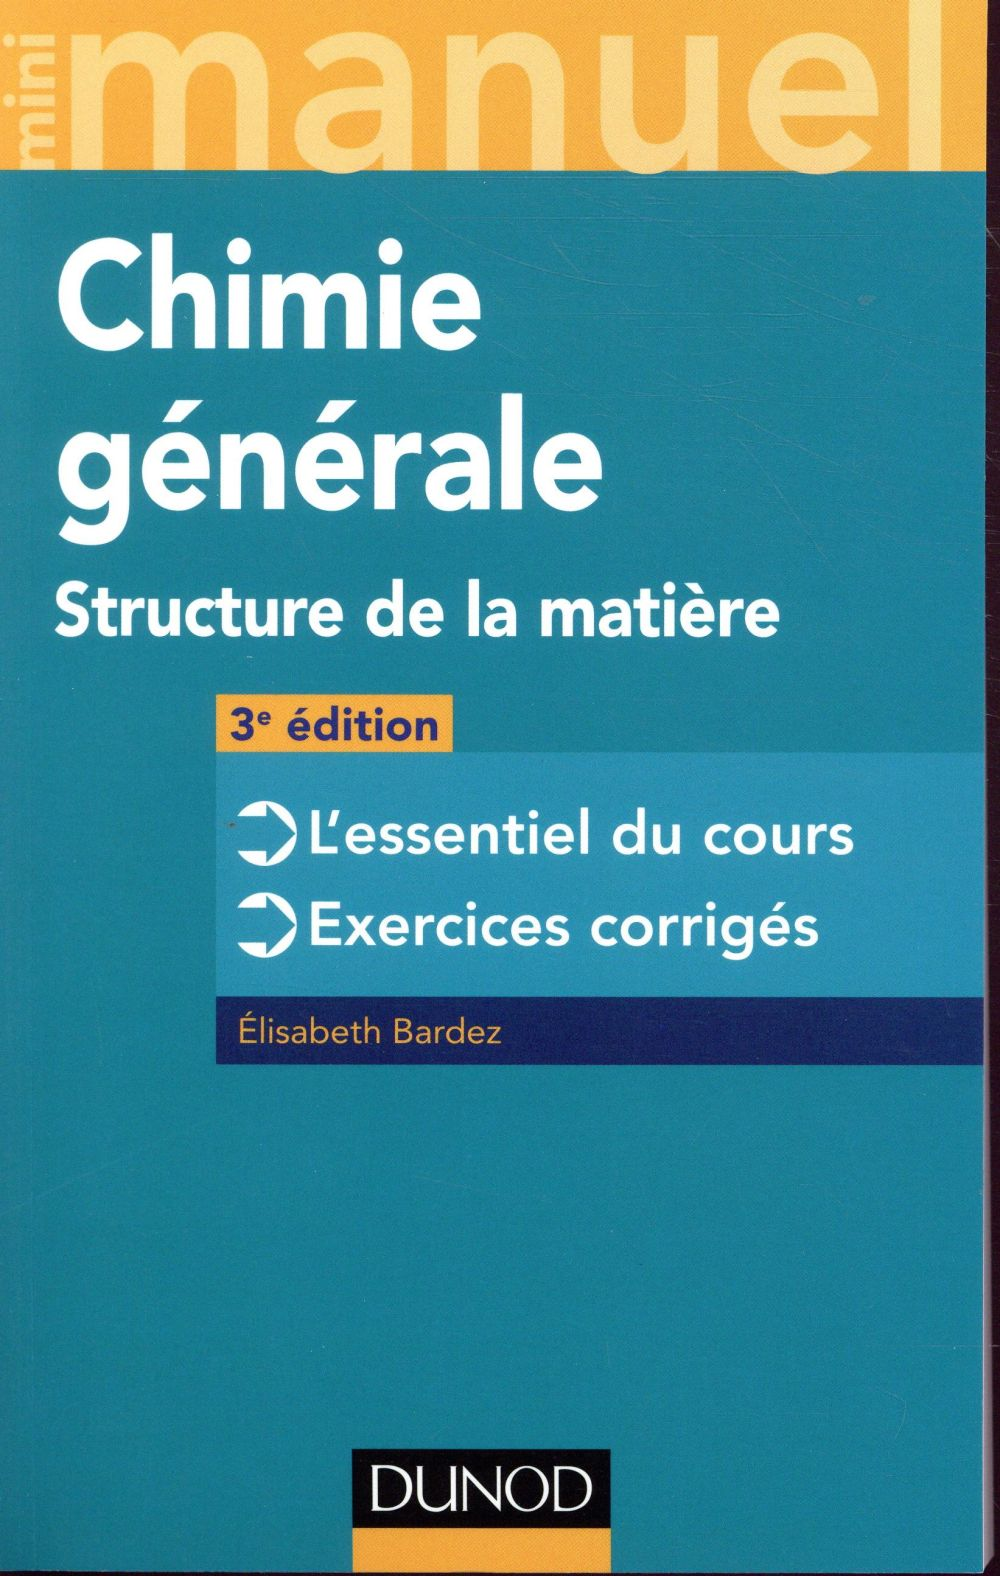 Mini manuel ; de chimie générale ; structure de la matière (3e édition)